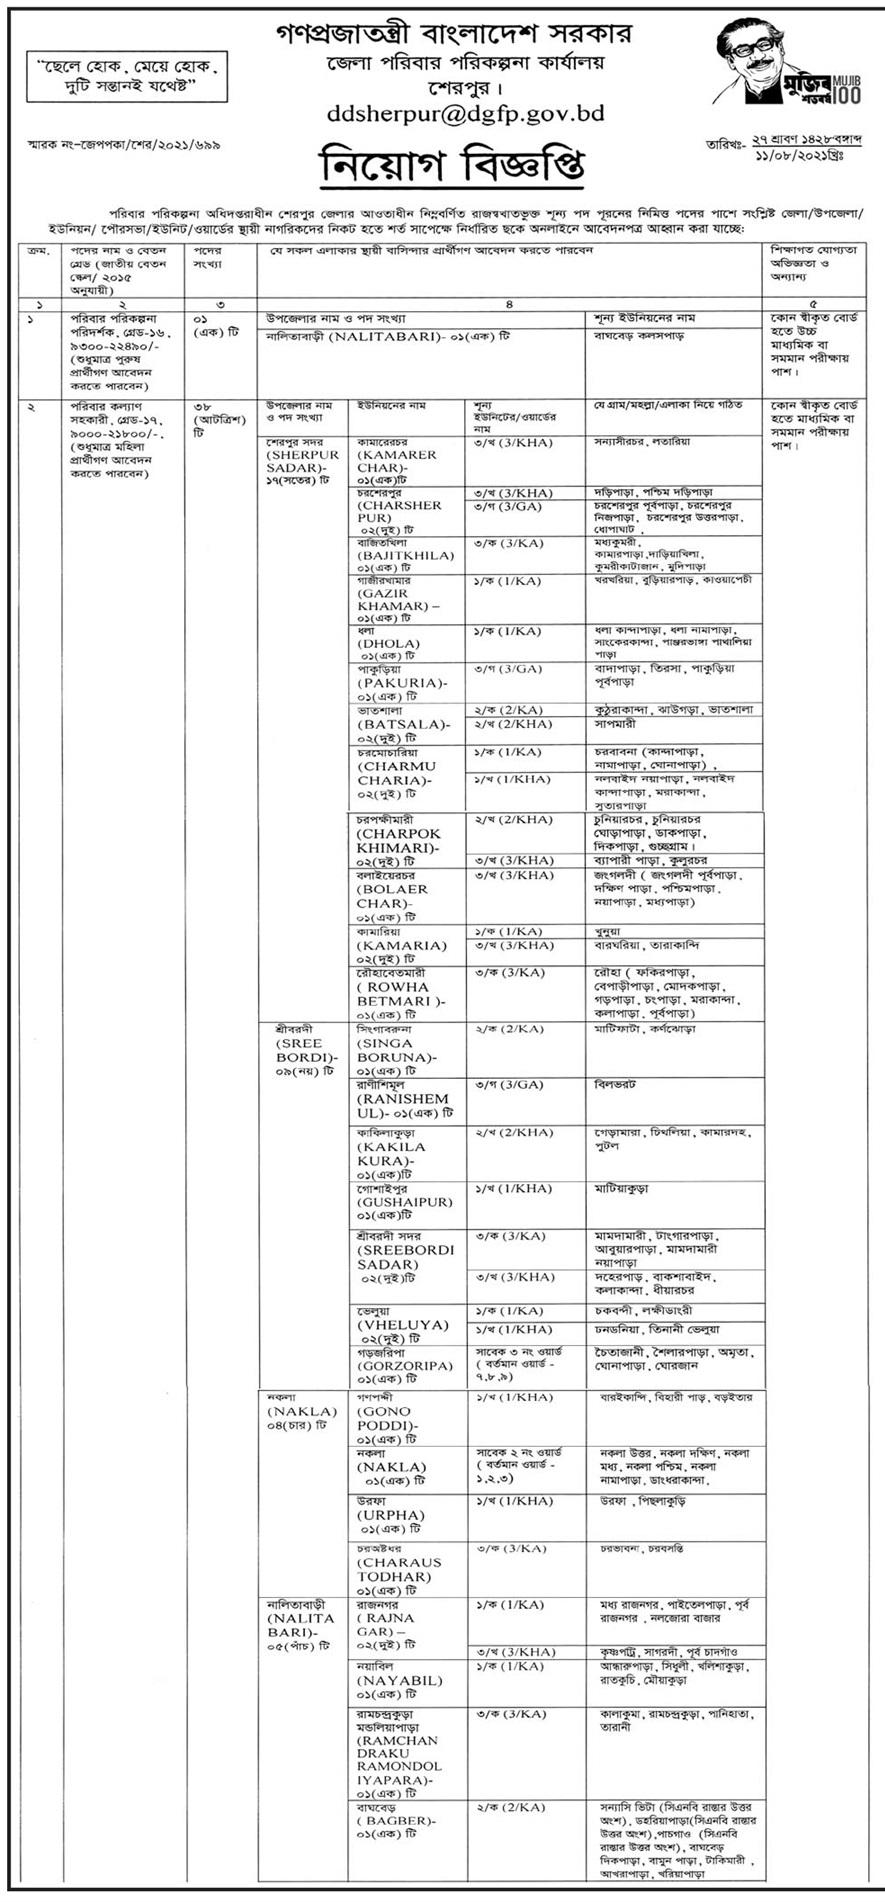 শেরপুর জেলা পরিবার পরিকল্পনা নিয়োগ বিজ্ঞপ্তি ২০২১ - Sherpur District poribar porikolpona job circular 2021 - জেলা ও উপজেলা পরিবার পরিকল্পনা কার্যালয় নিয়োগ বিজ্ঞপ্তি ২০২১